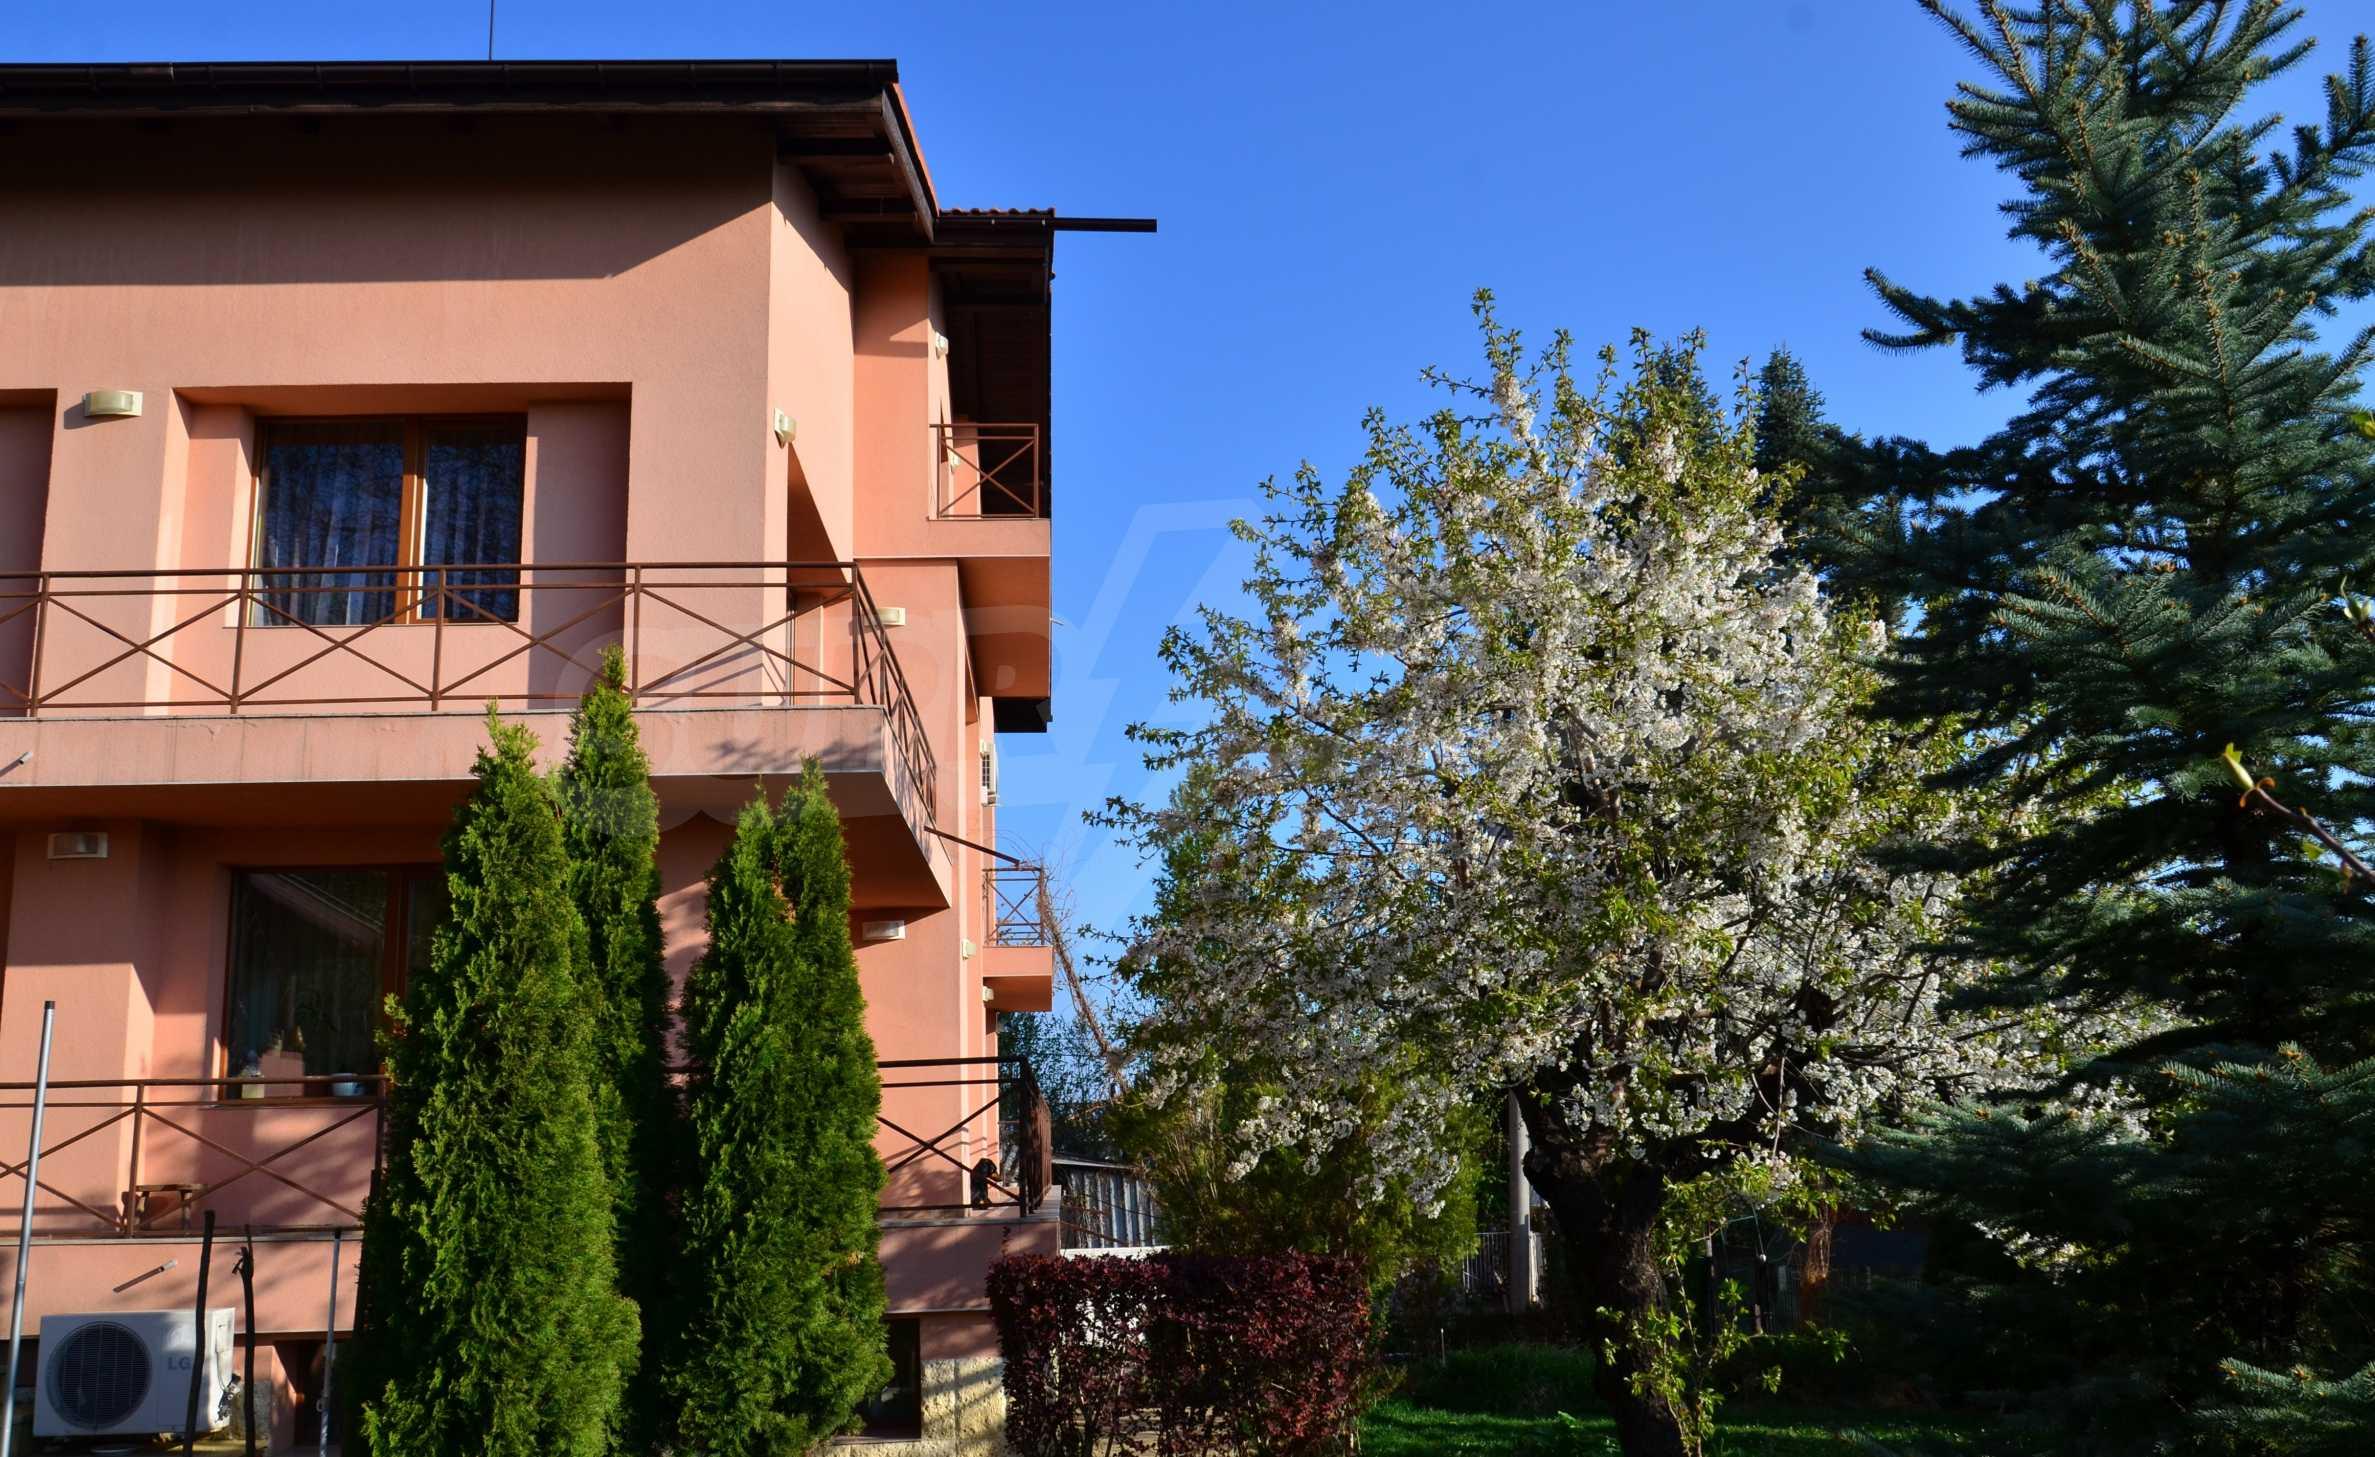 3-етажна къща с озеленен двор и планинска гледка в с. Кокаляне до София 1